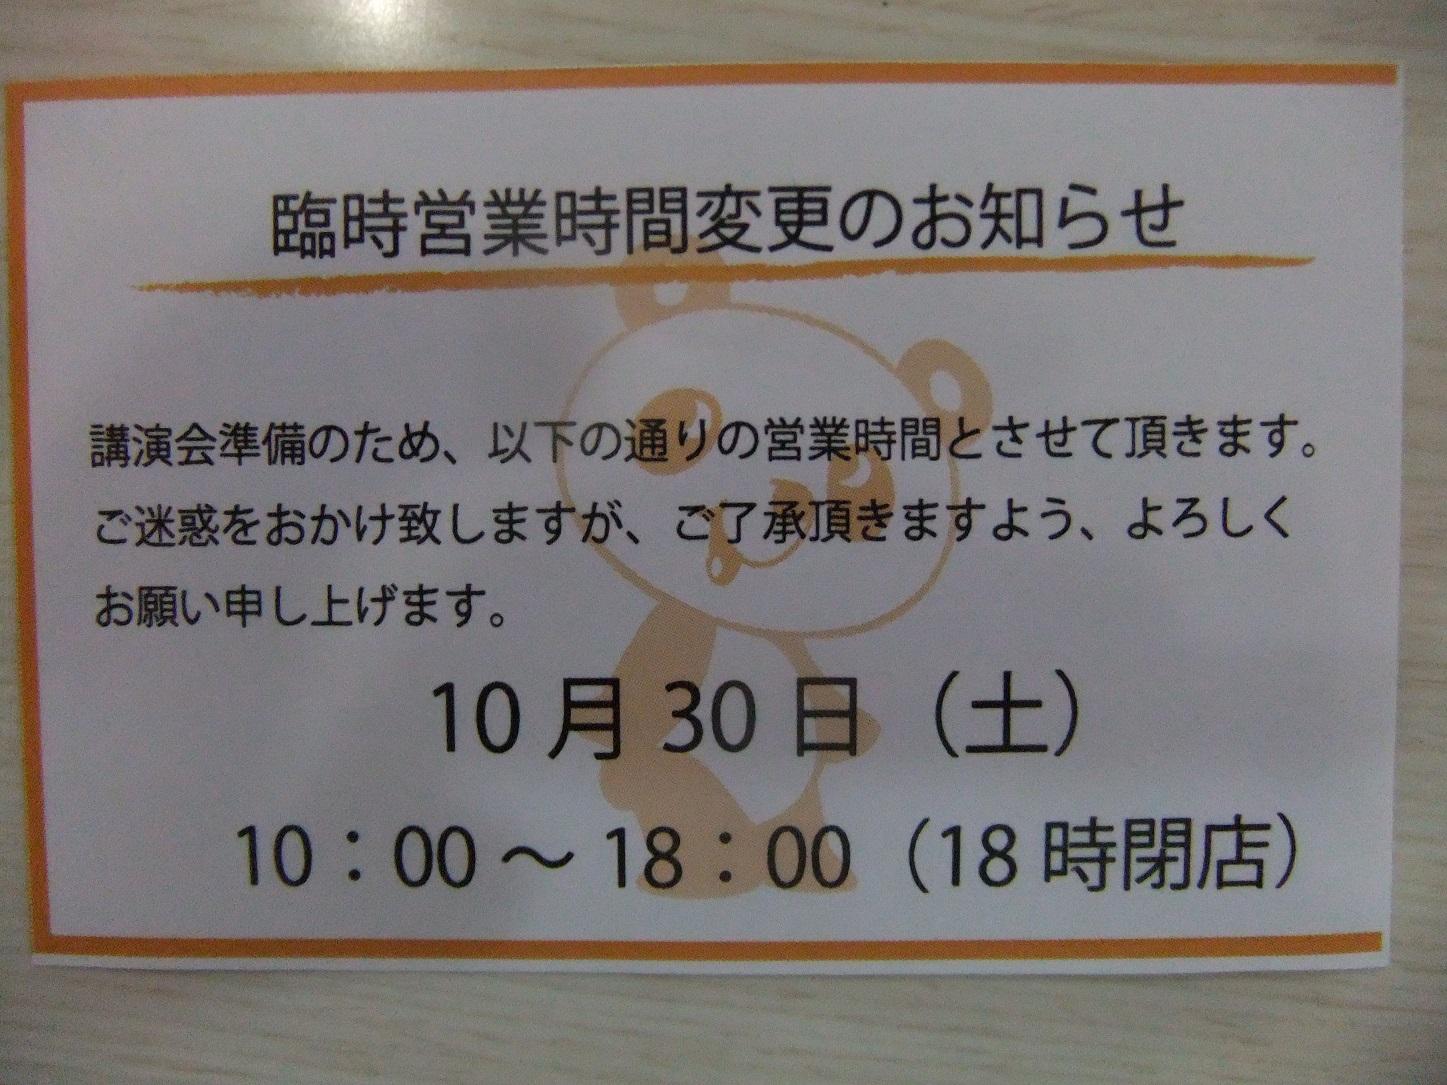 10/30(土)臨時営業時間変更のおしらせ